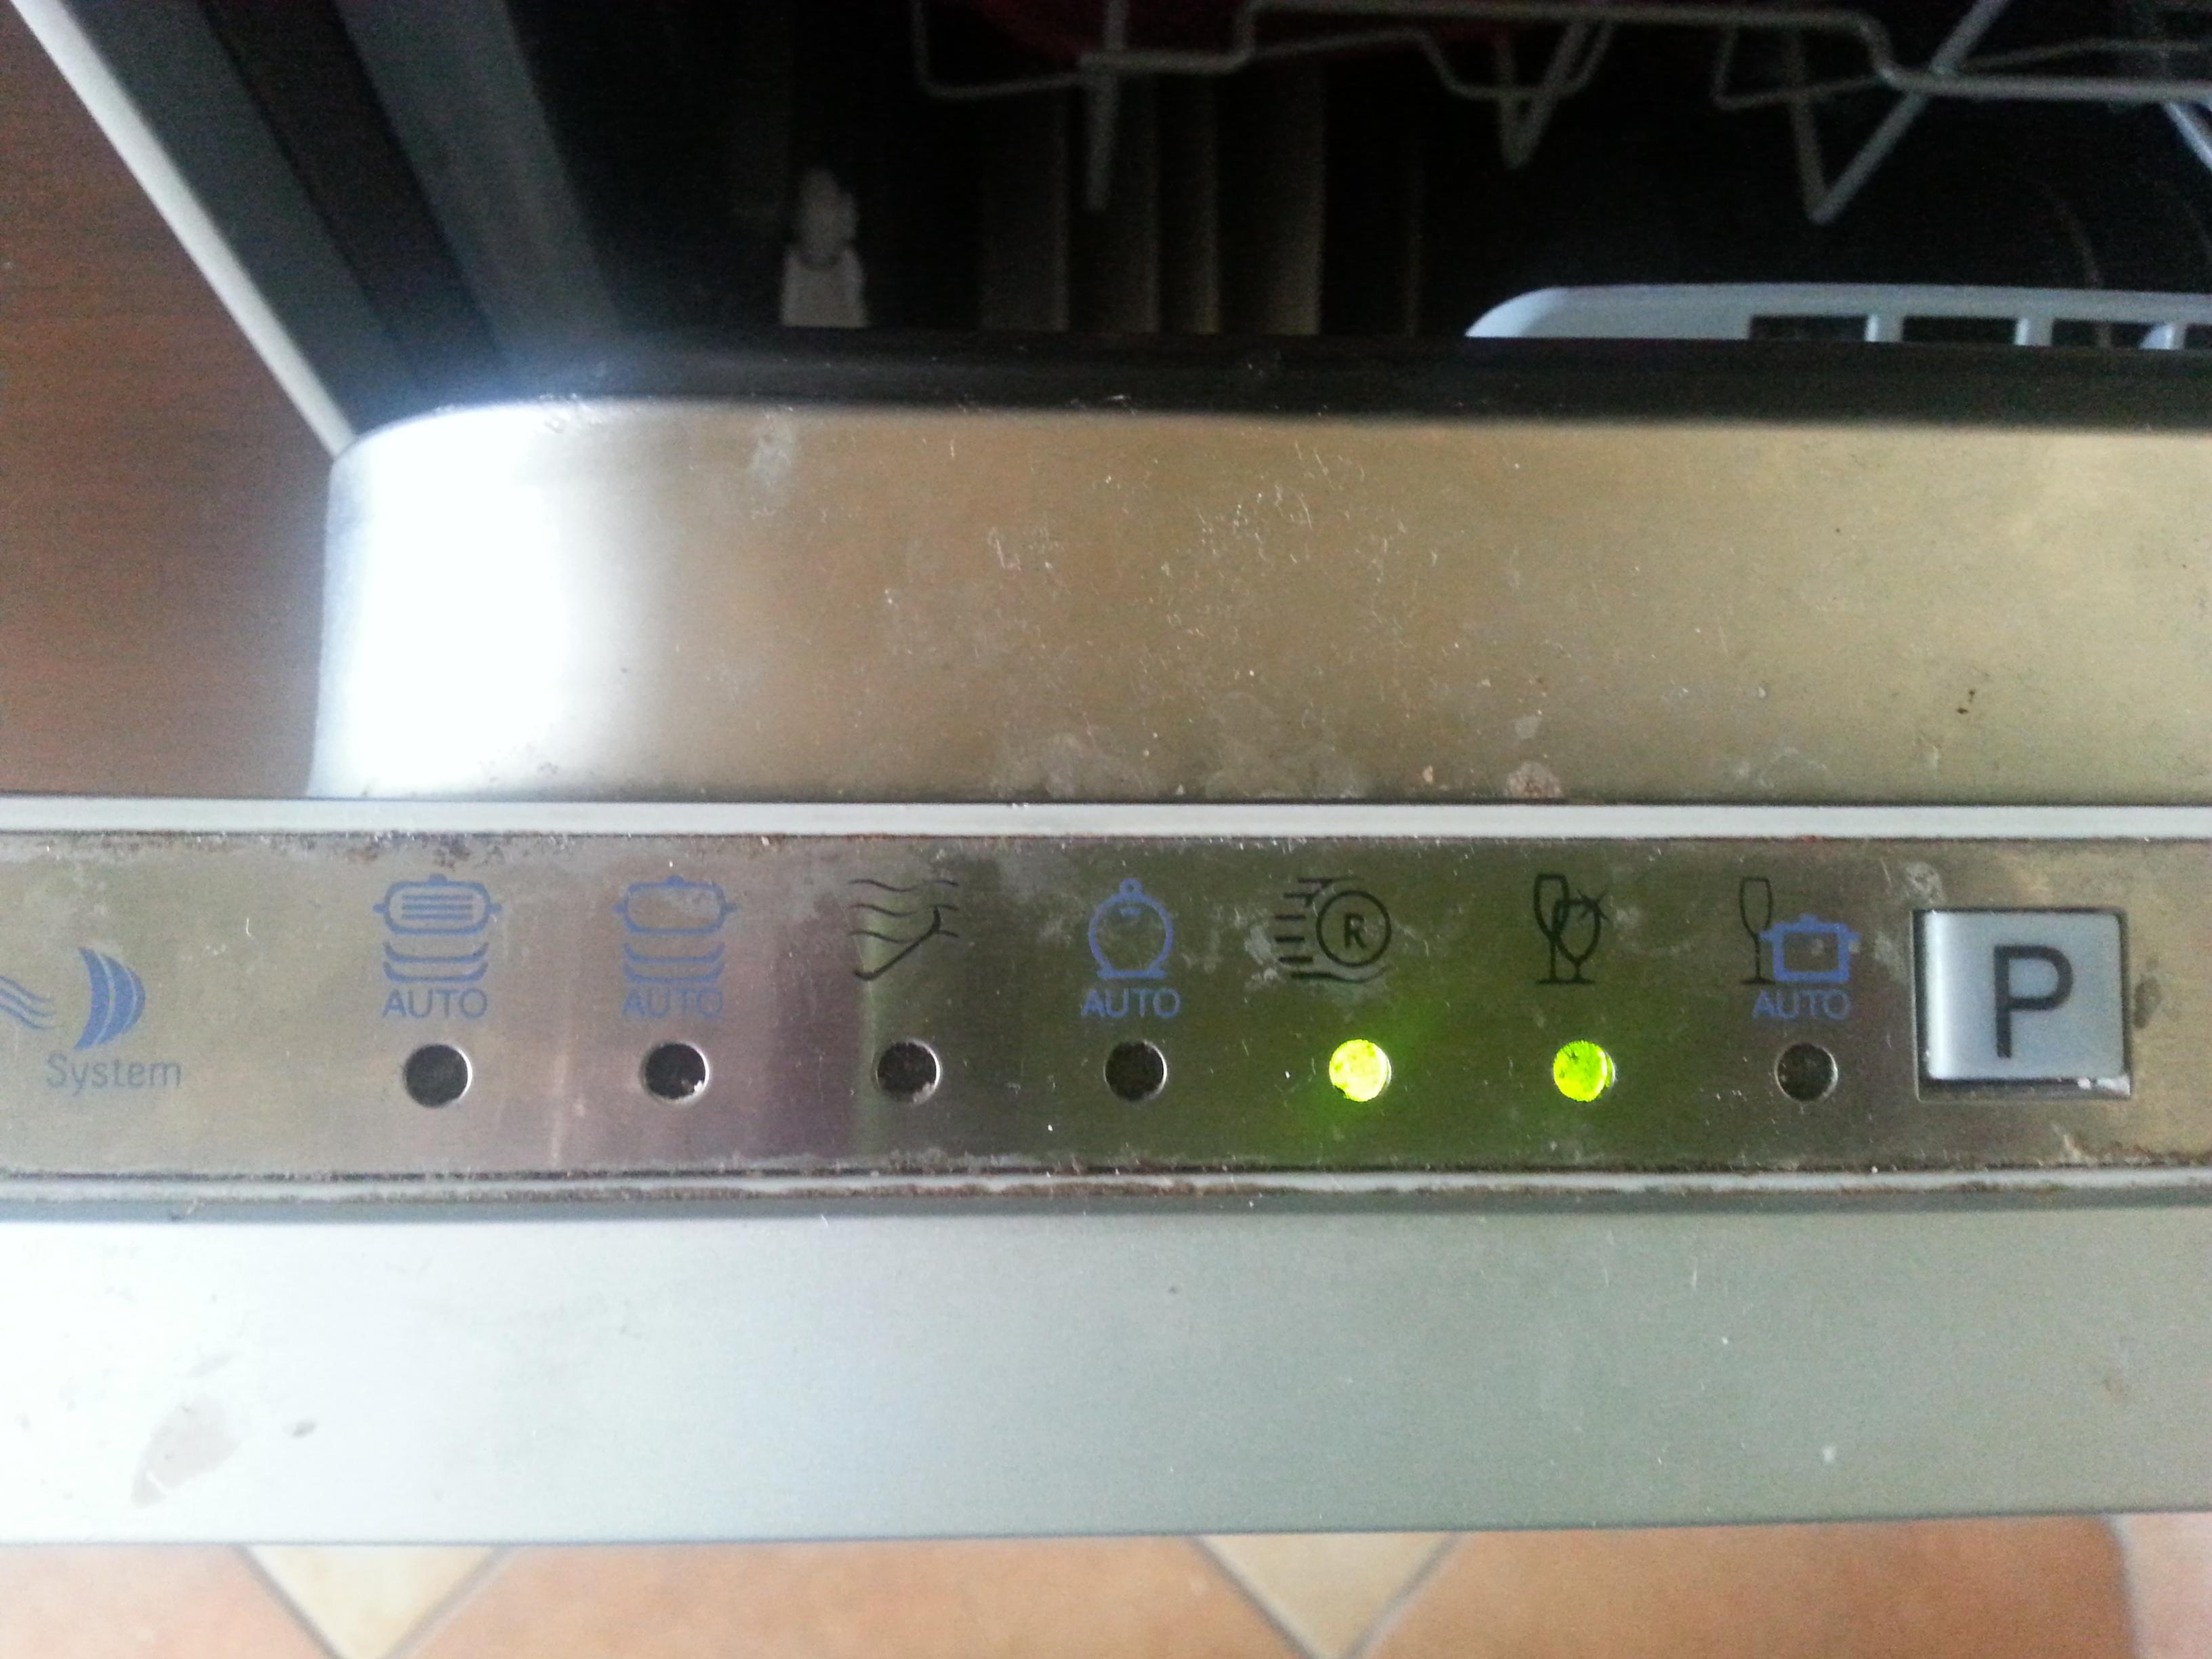 Zmywarka Ariston LI 672A  - mijaj� kontrolki 5 i 6, piszczy w trakcie programu